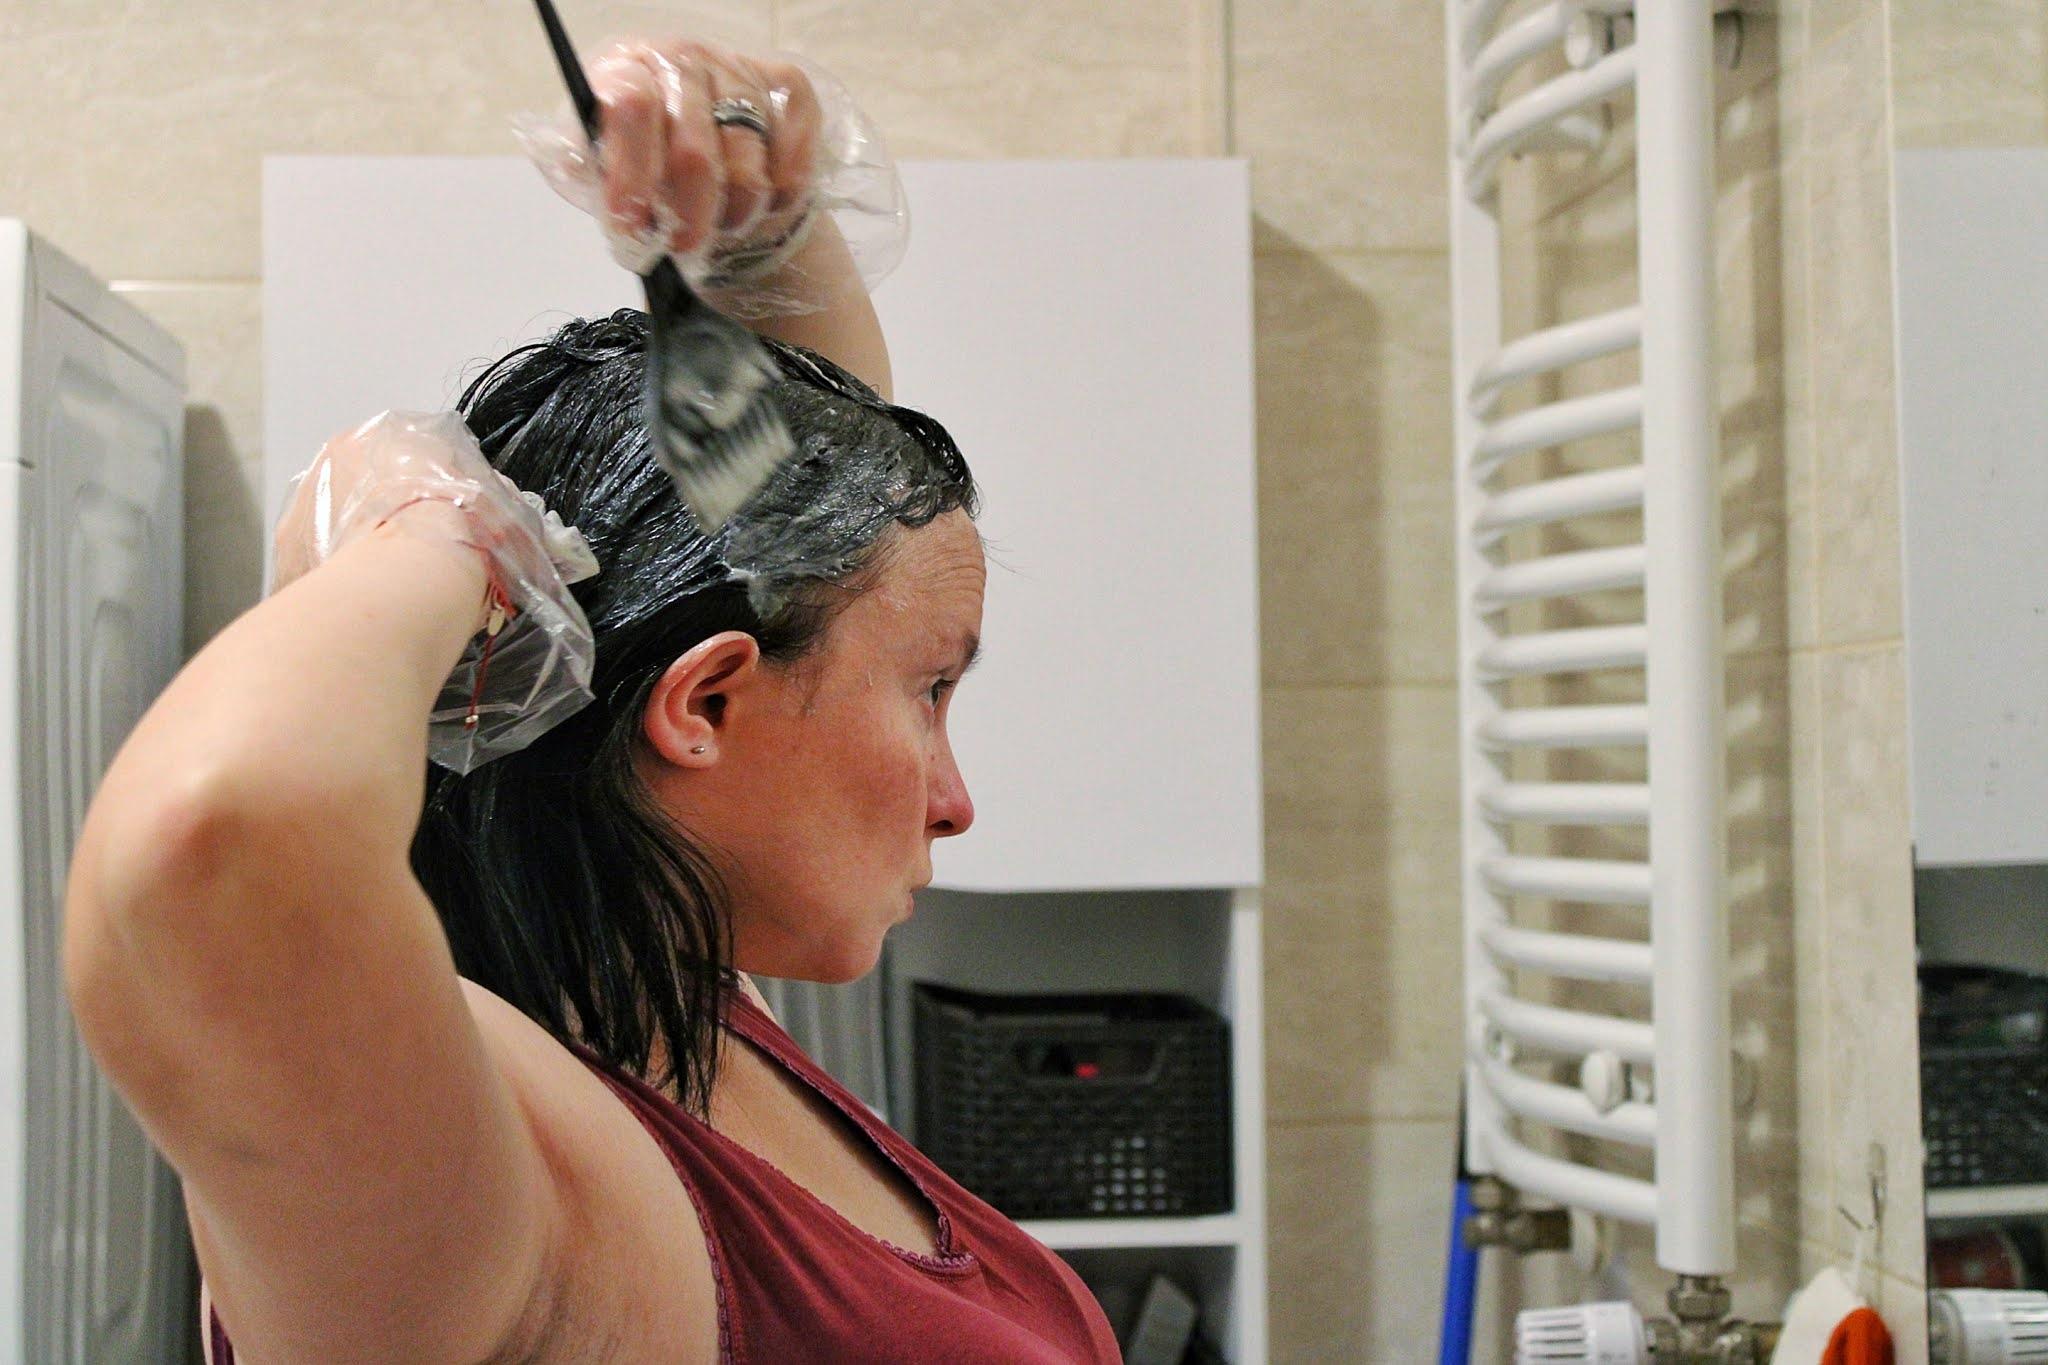 Farbowanie włosów w domu - krok po kroku